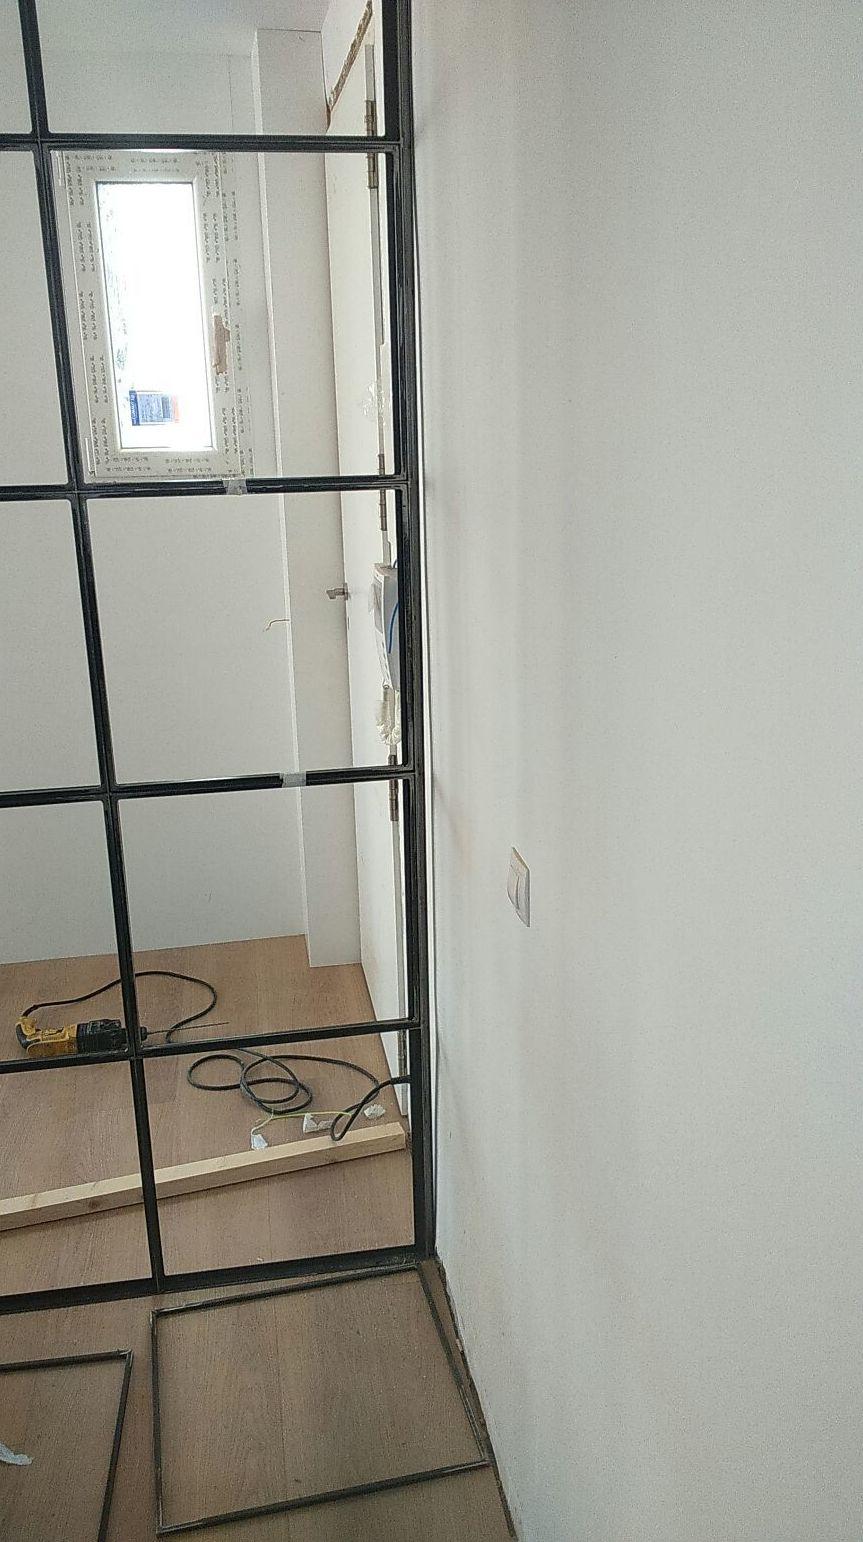 DIVISORIA: Servicios de Exposición, Carpintería de aluminio- toldos-cerrajeria - reformas del hogar.